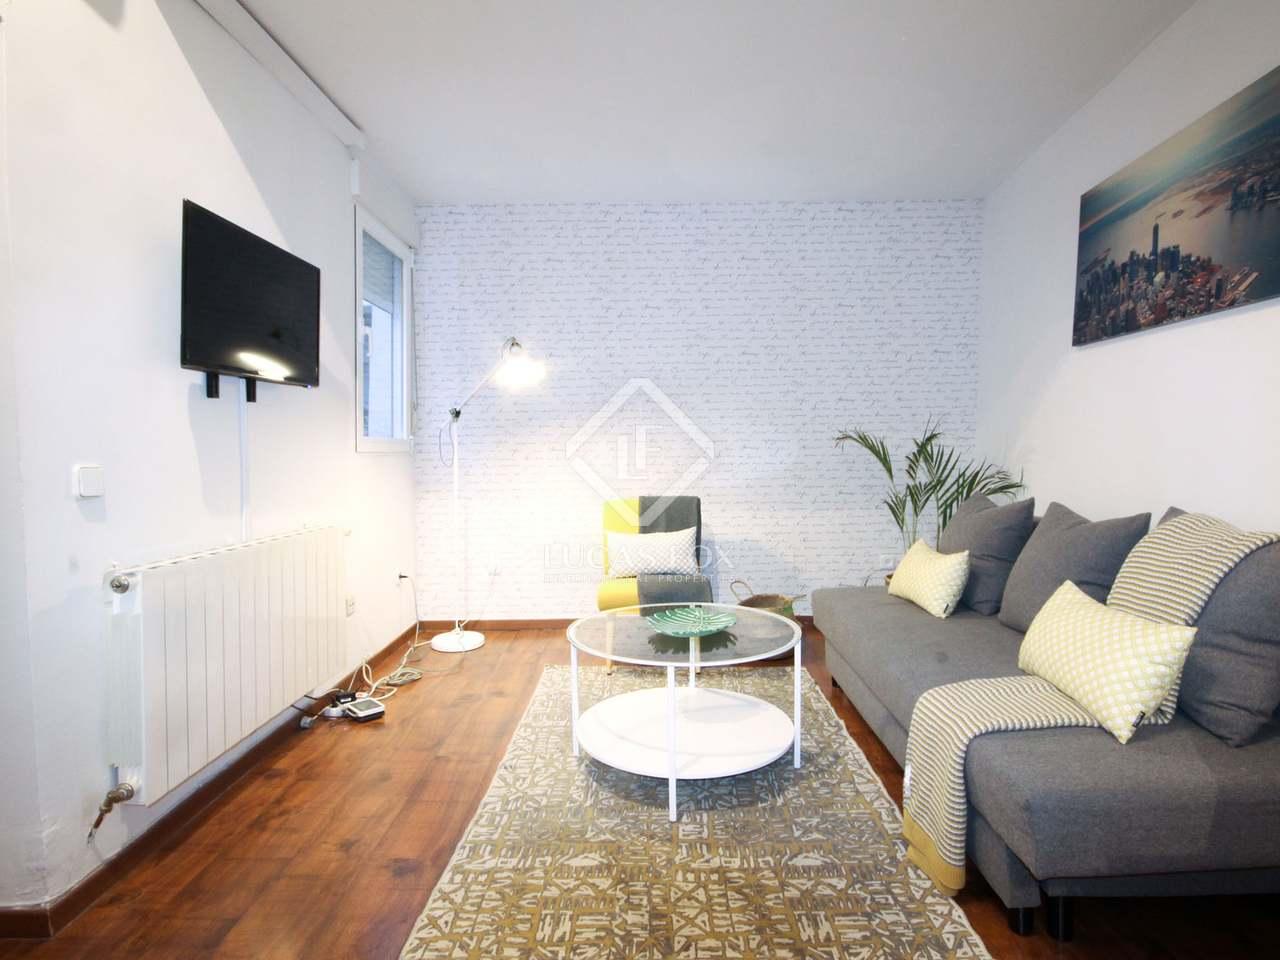 60m² apartment for rent in Huertas-Cortes, Madrid